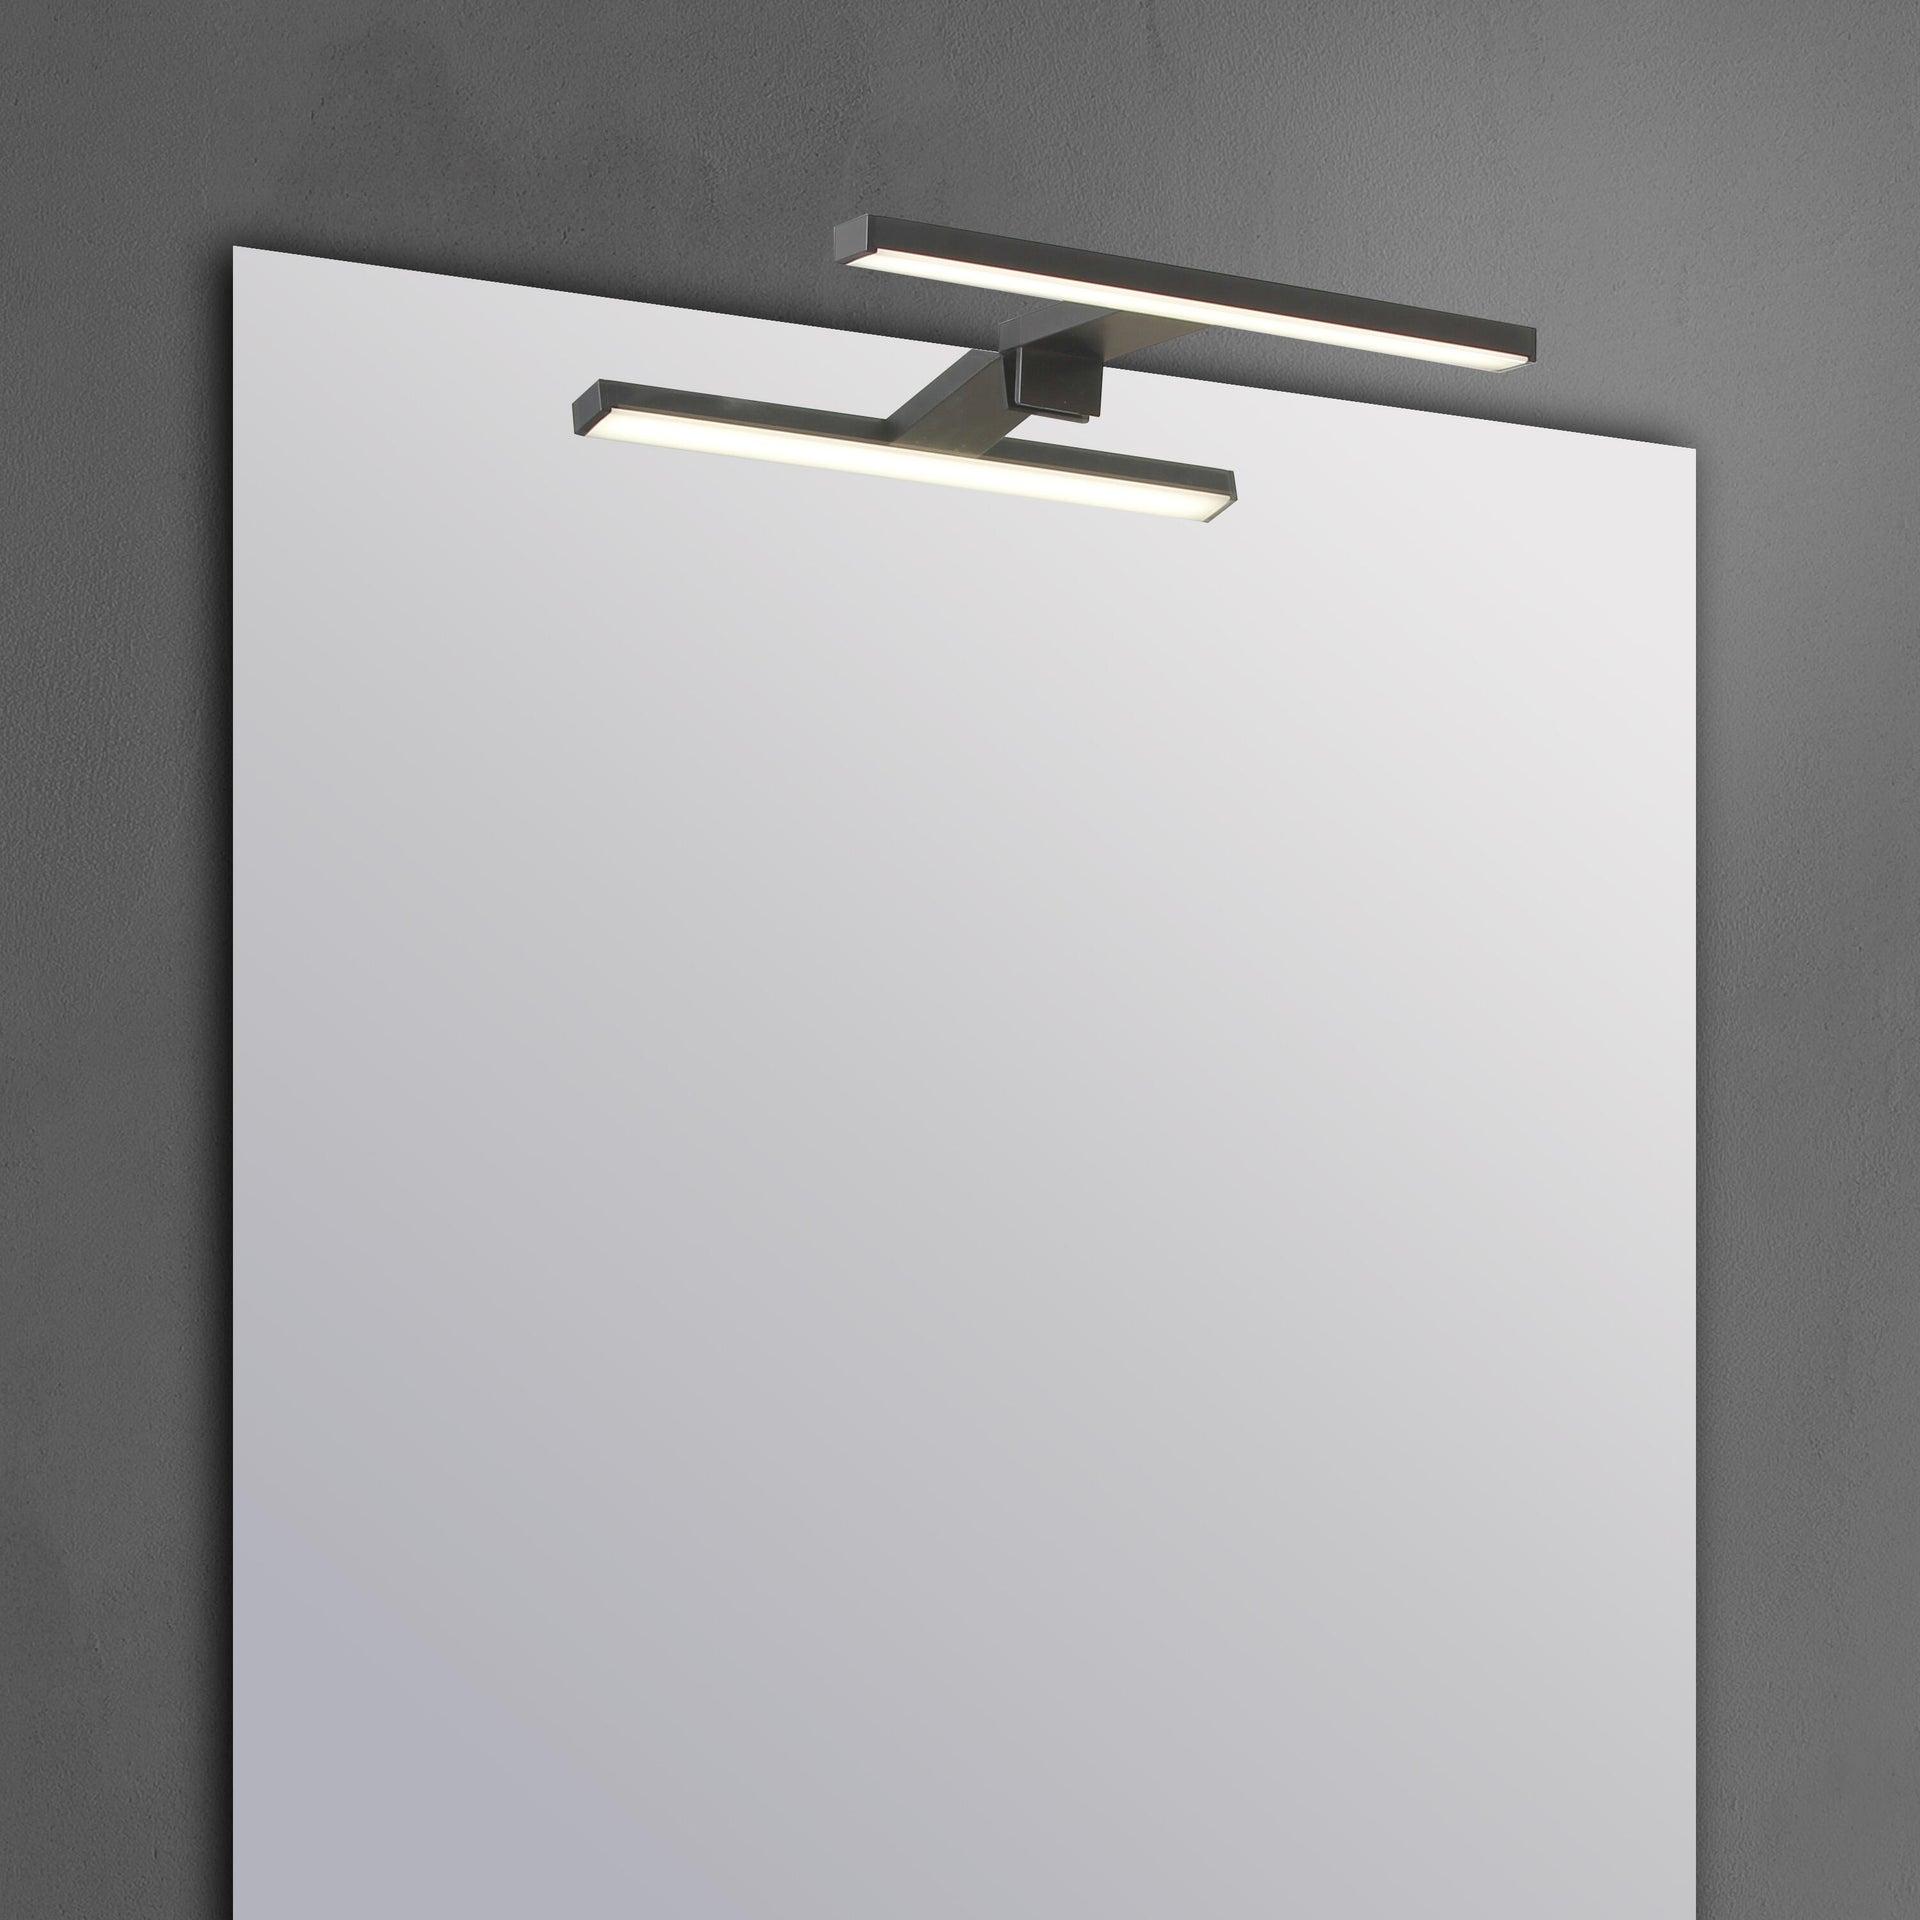 Applique moderno Slim con kit multi attacco , in alluminio, 50.0x50.0 cm, INSPIRE - 14